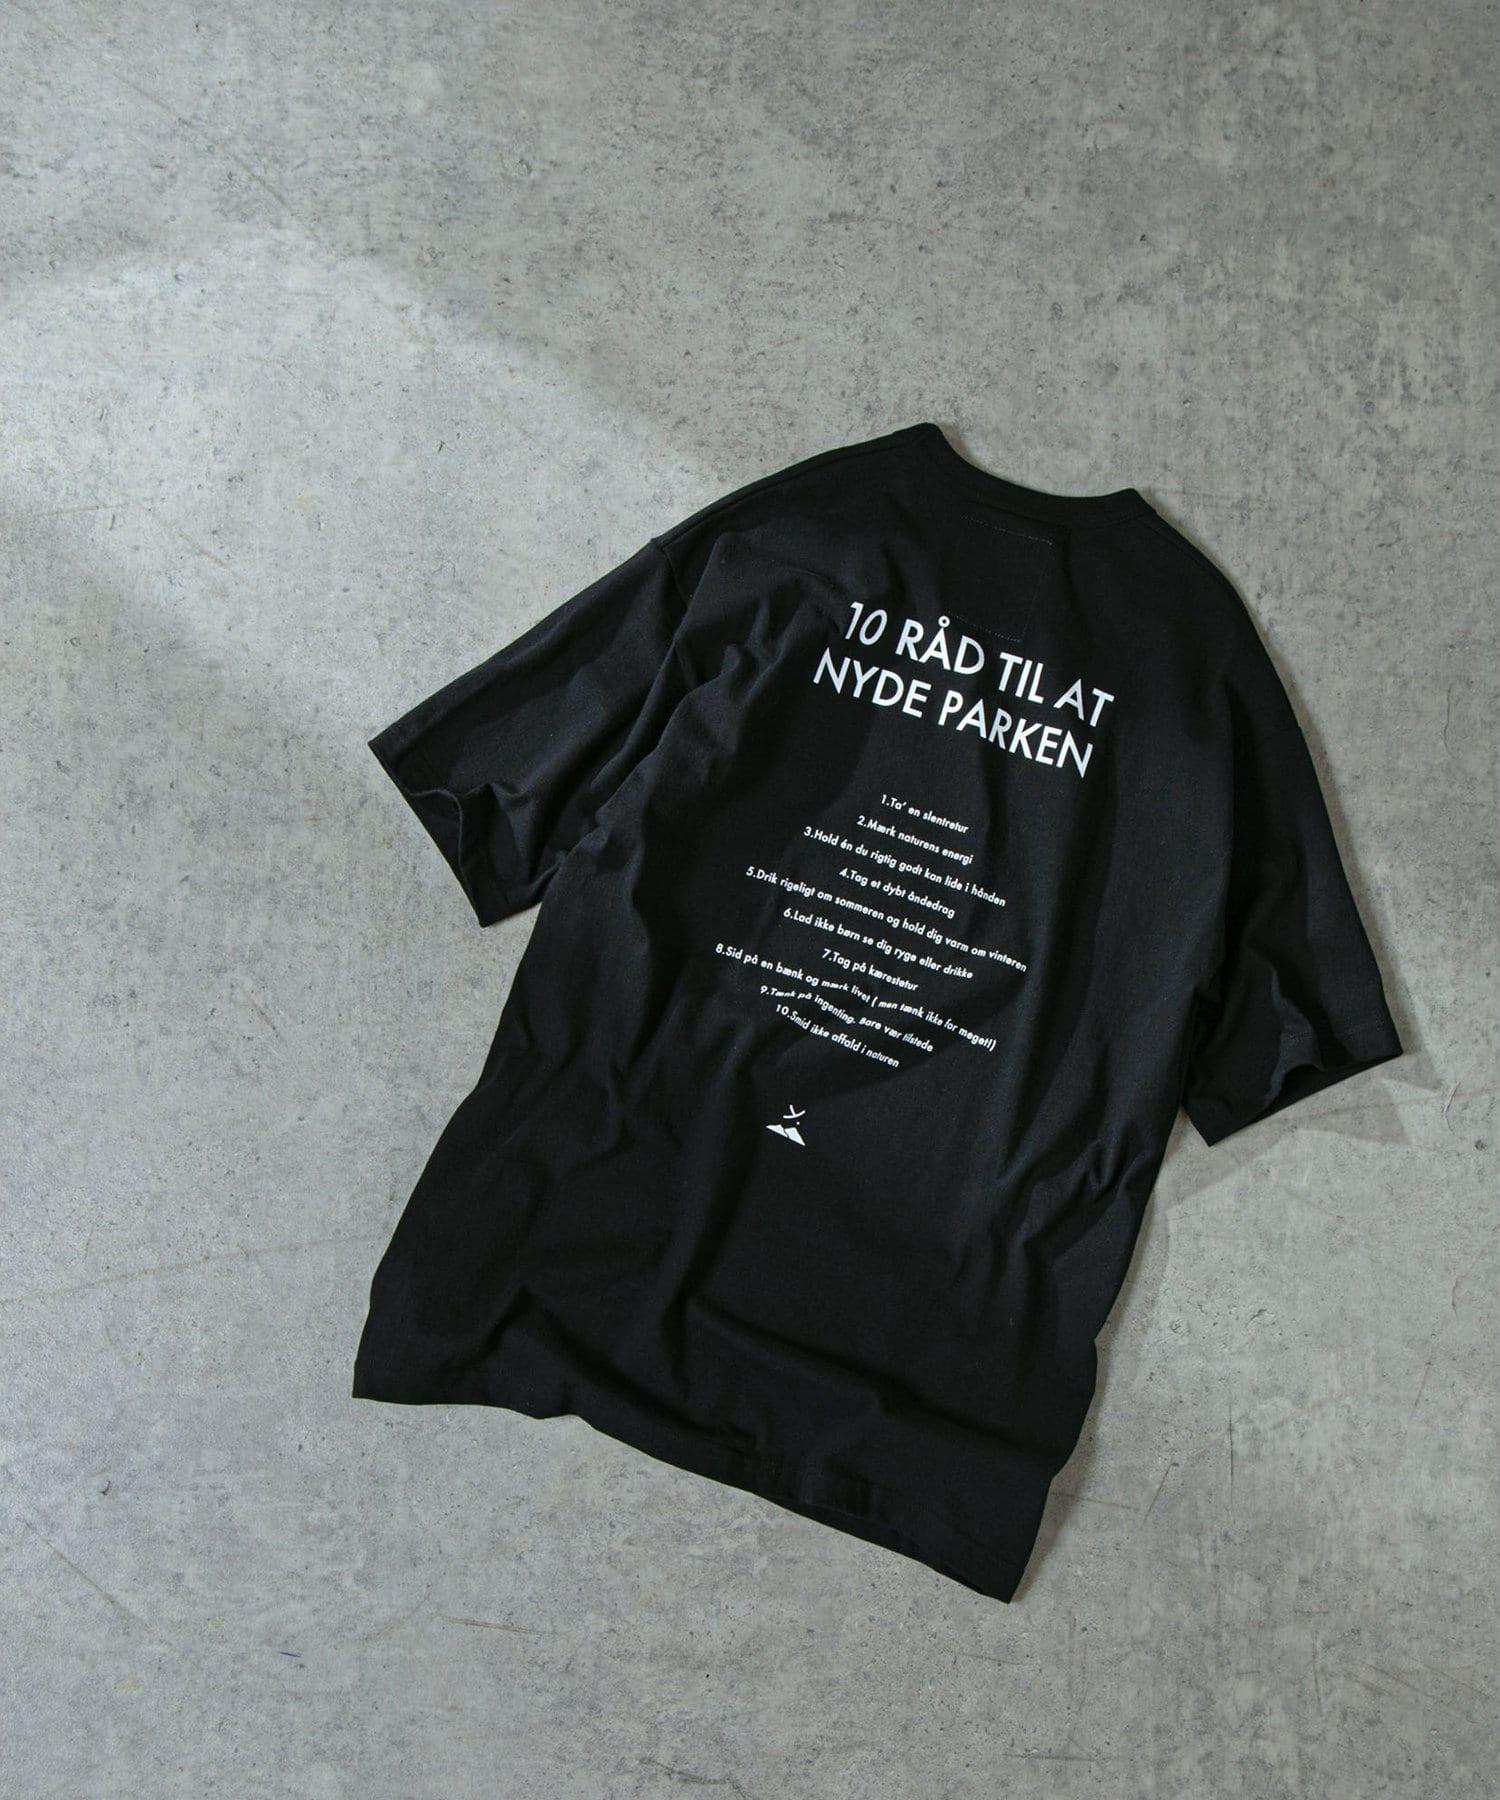 LIVETART(リヴェタート) 《Y(dot) BY NORDISK》コットンクルーTシャツ